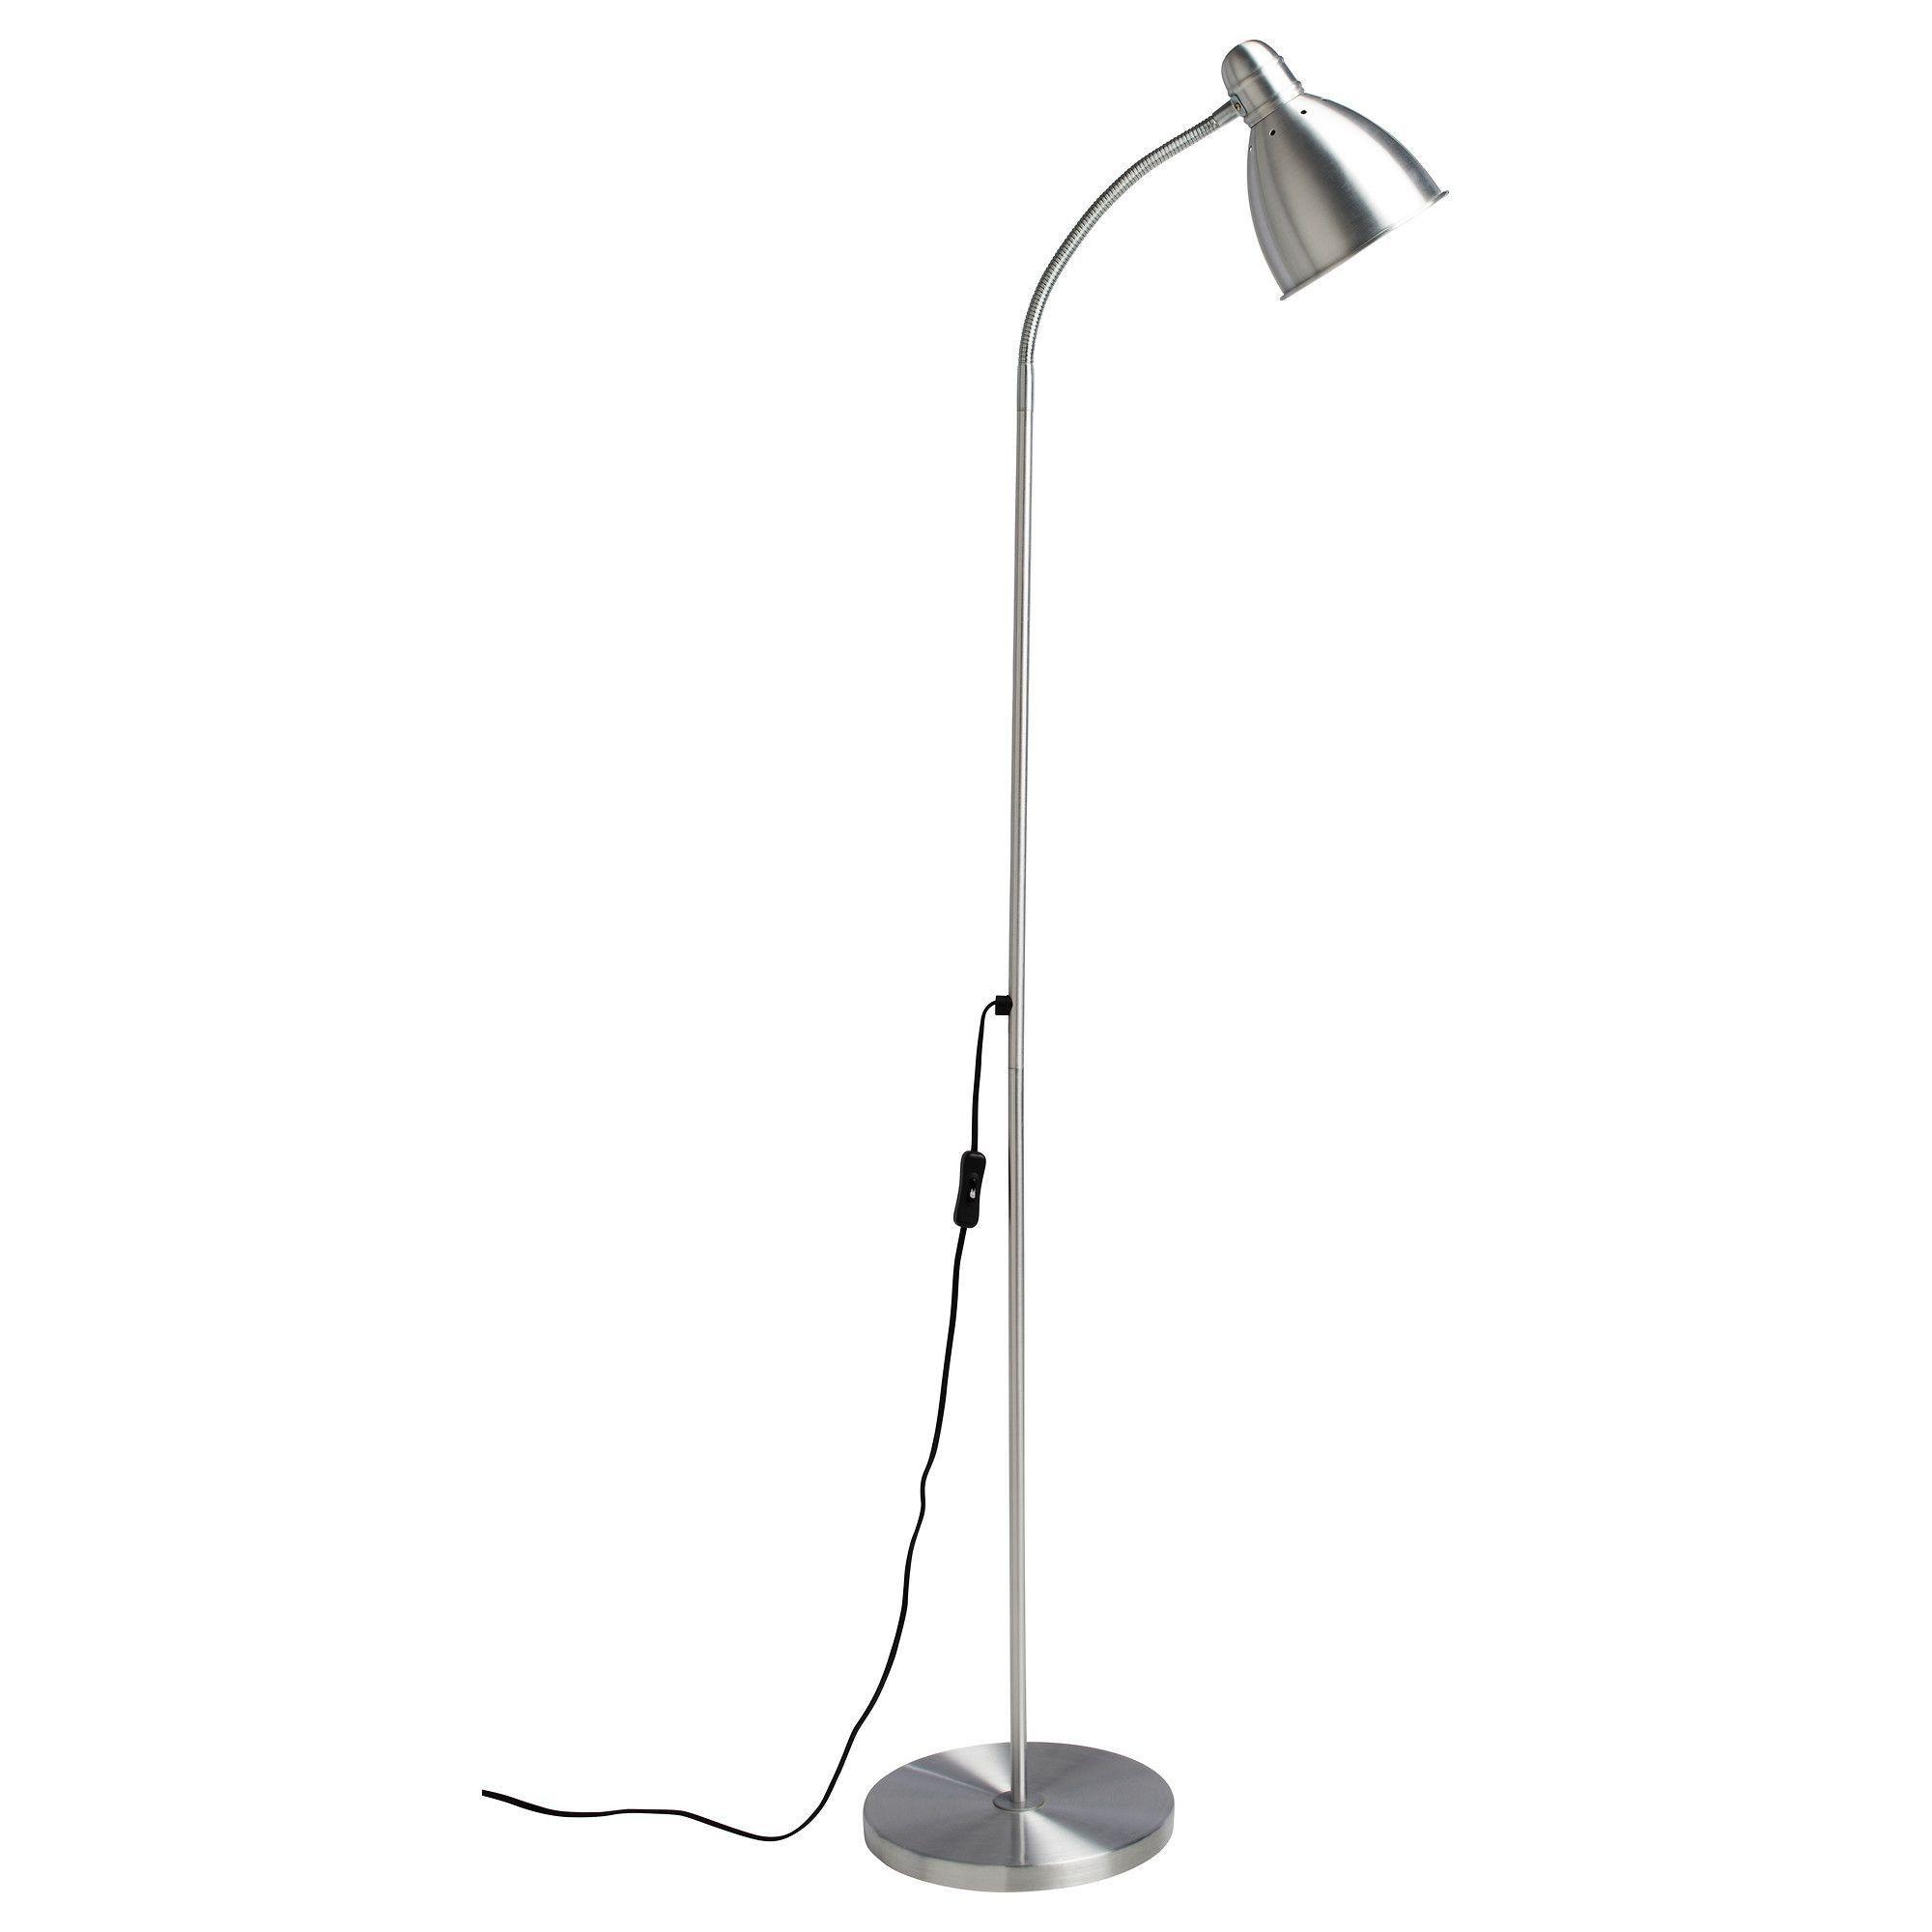 Full Size of Arc Stehlampe Ikea Mit Bildern Stehlampen Wohnzimmer Betten 160x200 Küche Kaufen Schlafzimmer Miniküche Kosten Sofa Schlaffunktion Bei Modulküche Wohnzimmer Stehlampe Ikea